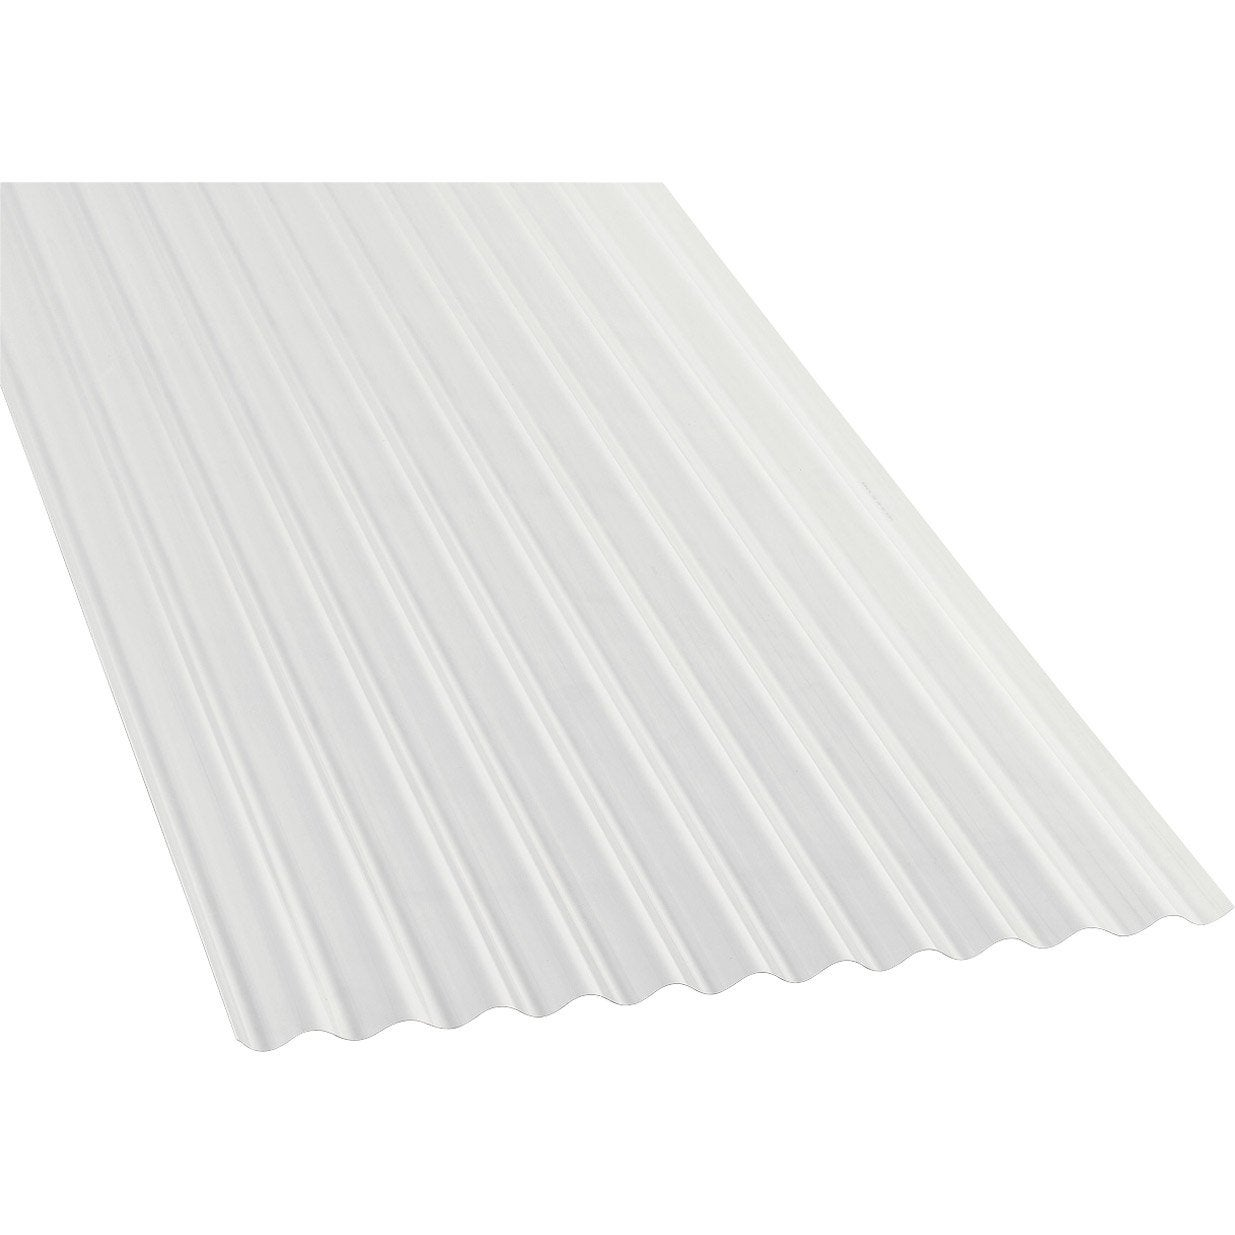 Plaque polycarbonate petites ondes clair 3 x - Plaque polycarbonate pas cher ...